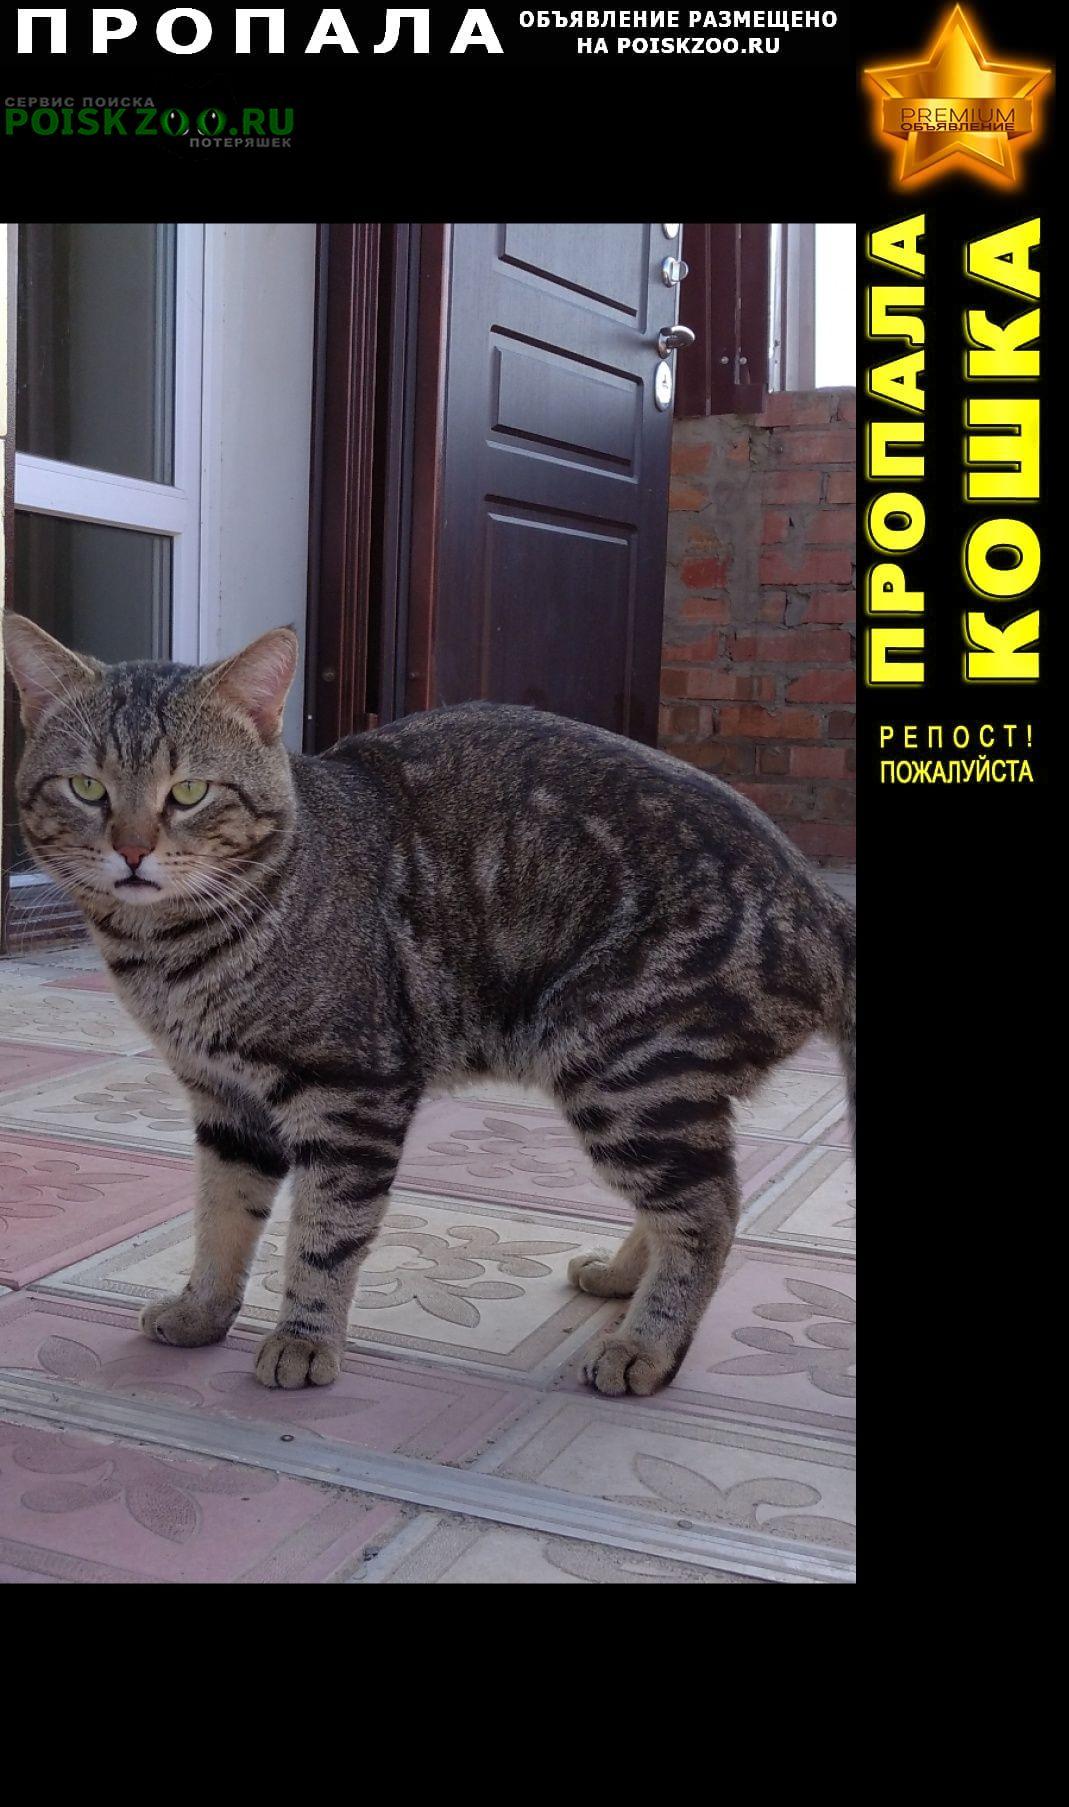 Пропала кошка любимый член семьи Ростов-на-Дону